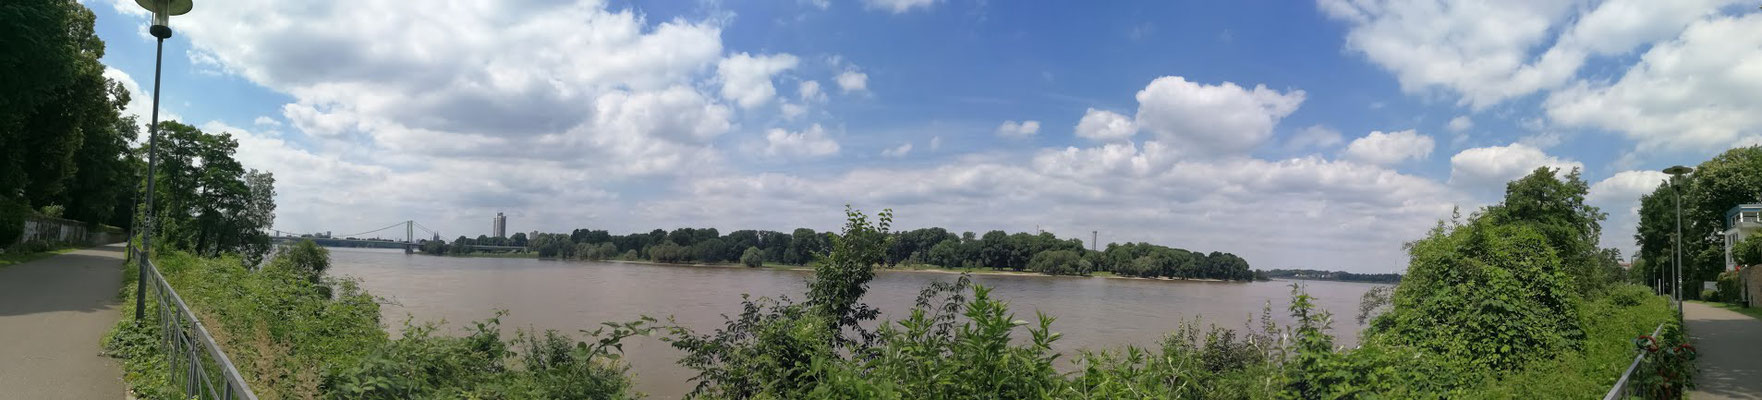 Für schöne Spaziergänge direkt in Rheinnähe